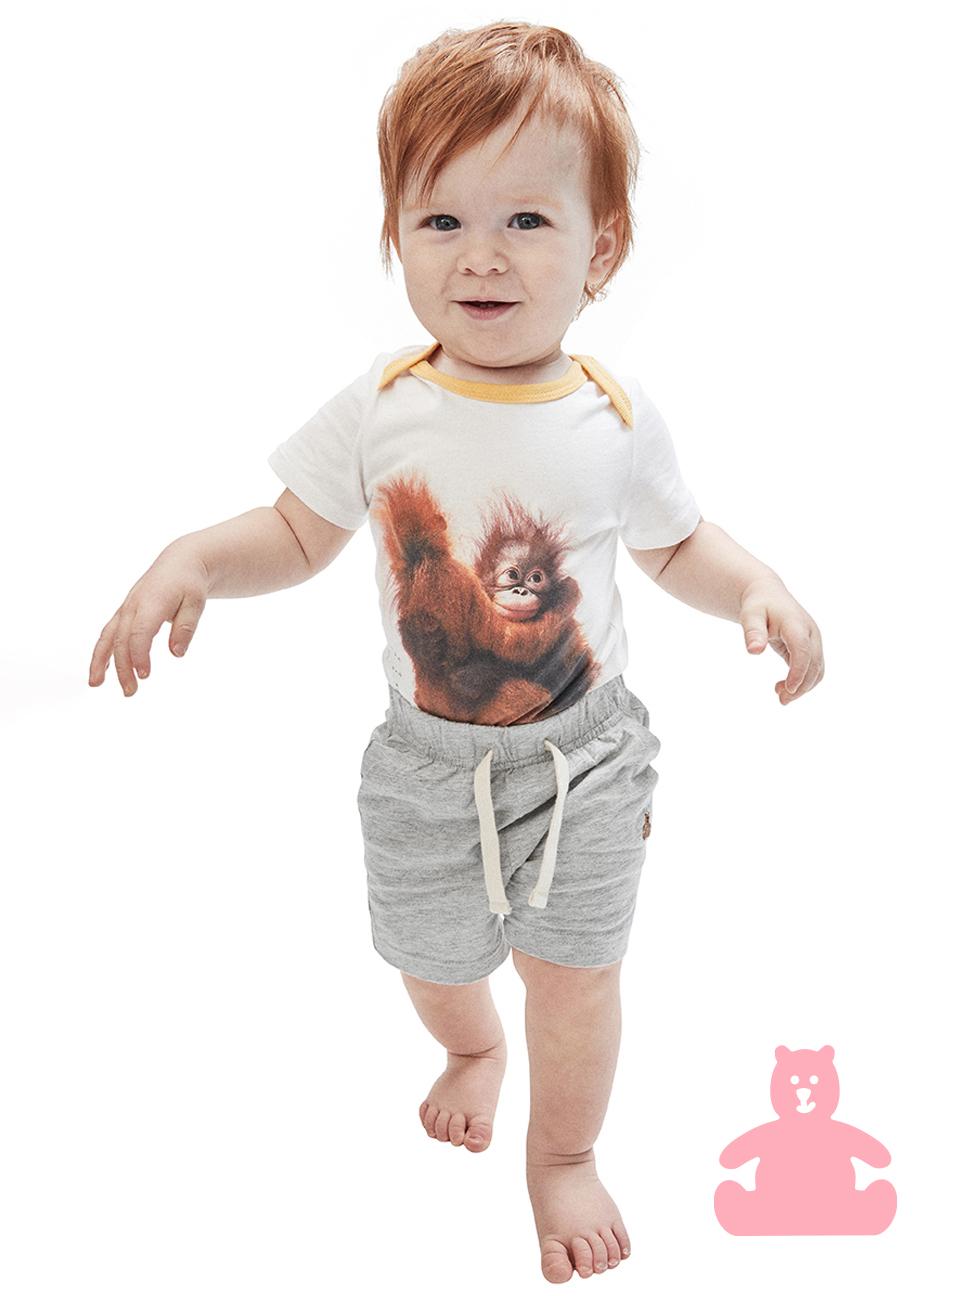 嬰兒 布萊納系列 柔軟運動休閒褲